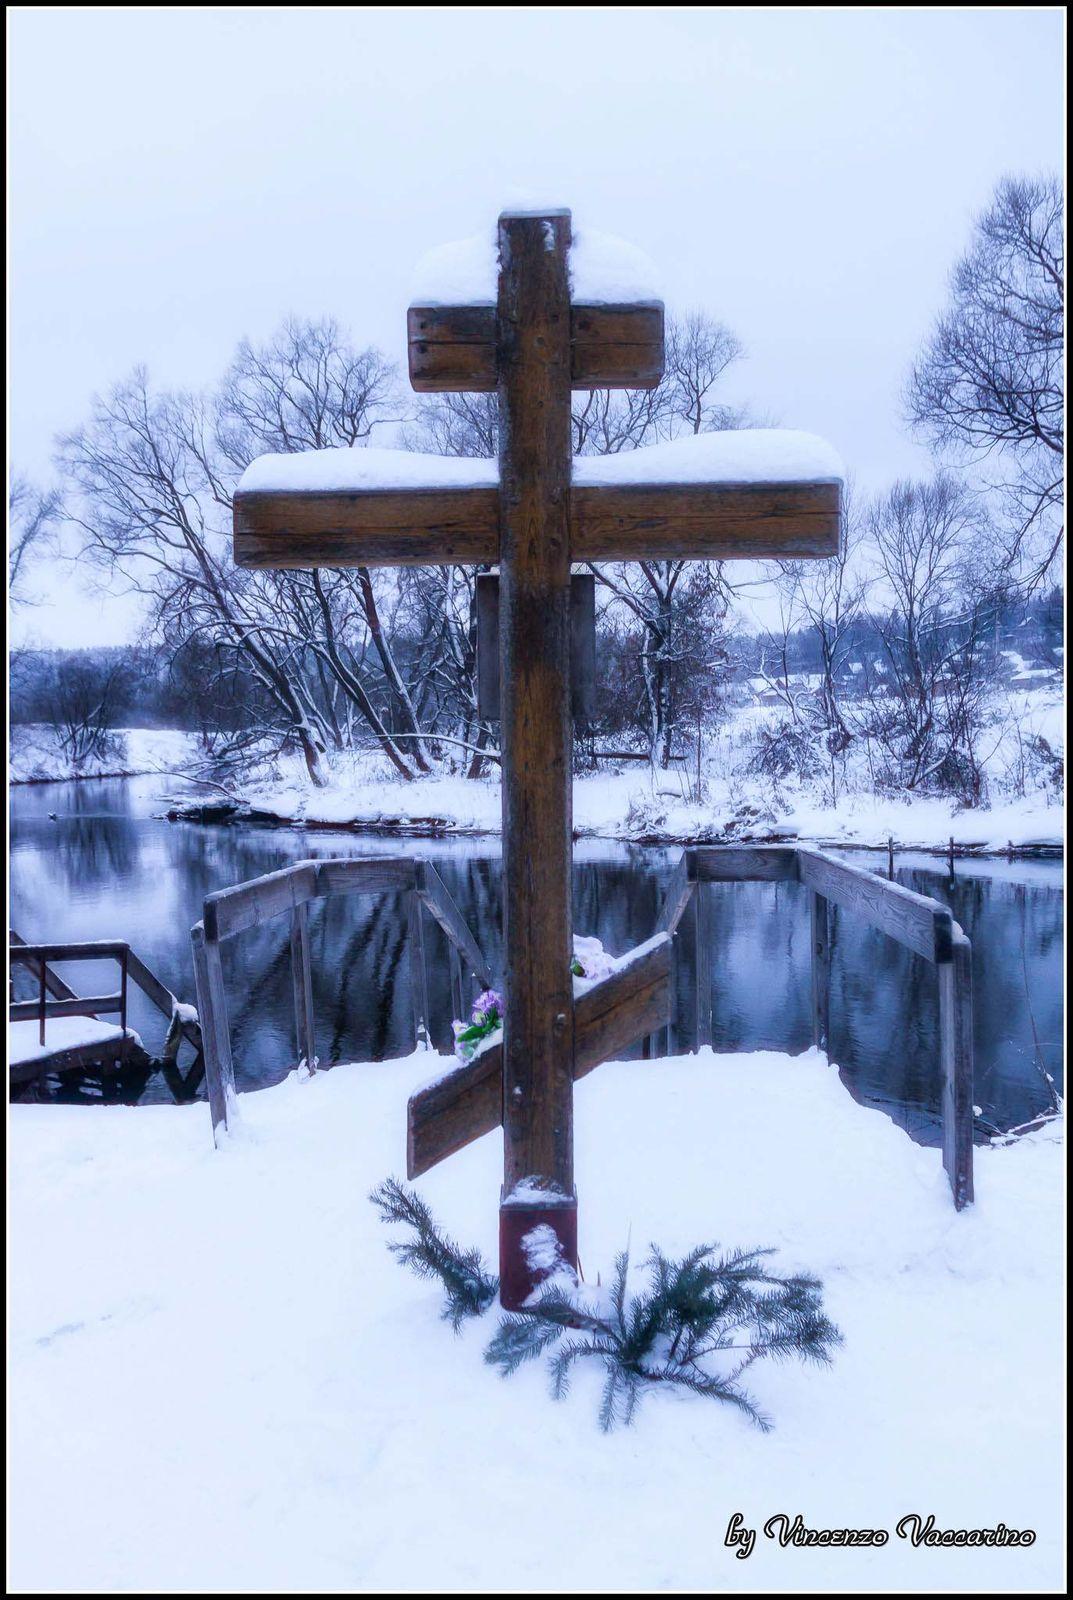 Крест, Новоиерусалимский монастырь, Истра09/01/2011, Canon EOS 50D, EF-S18-200mm f/3.5-5.6 ISкрест, монастырь, снег, река